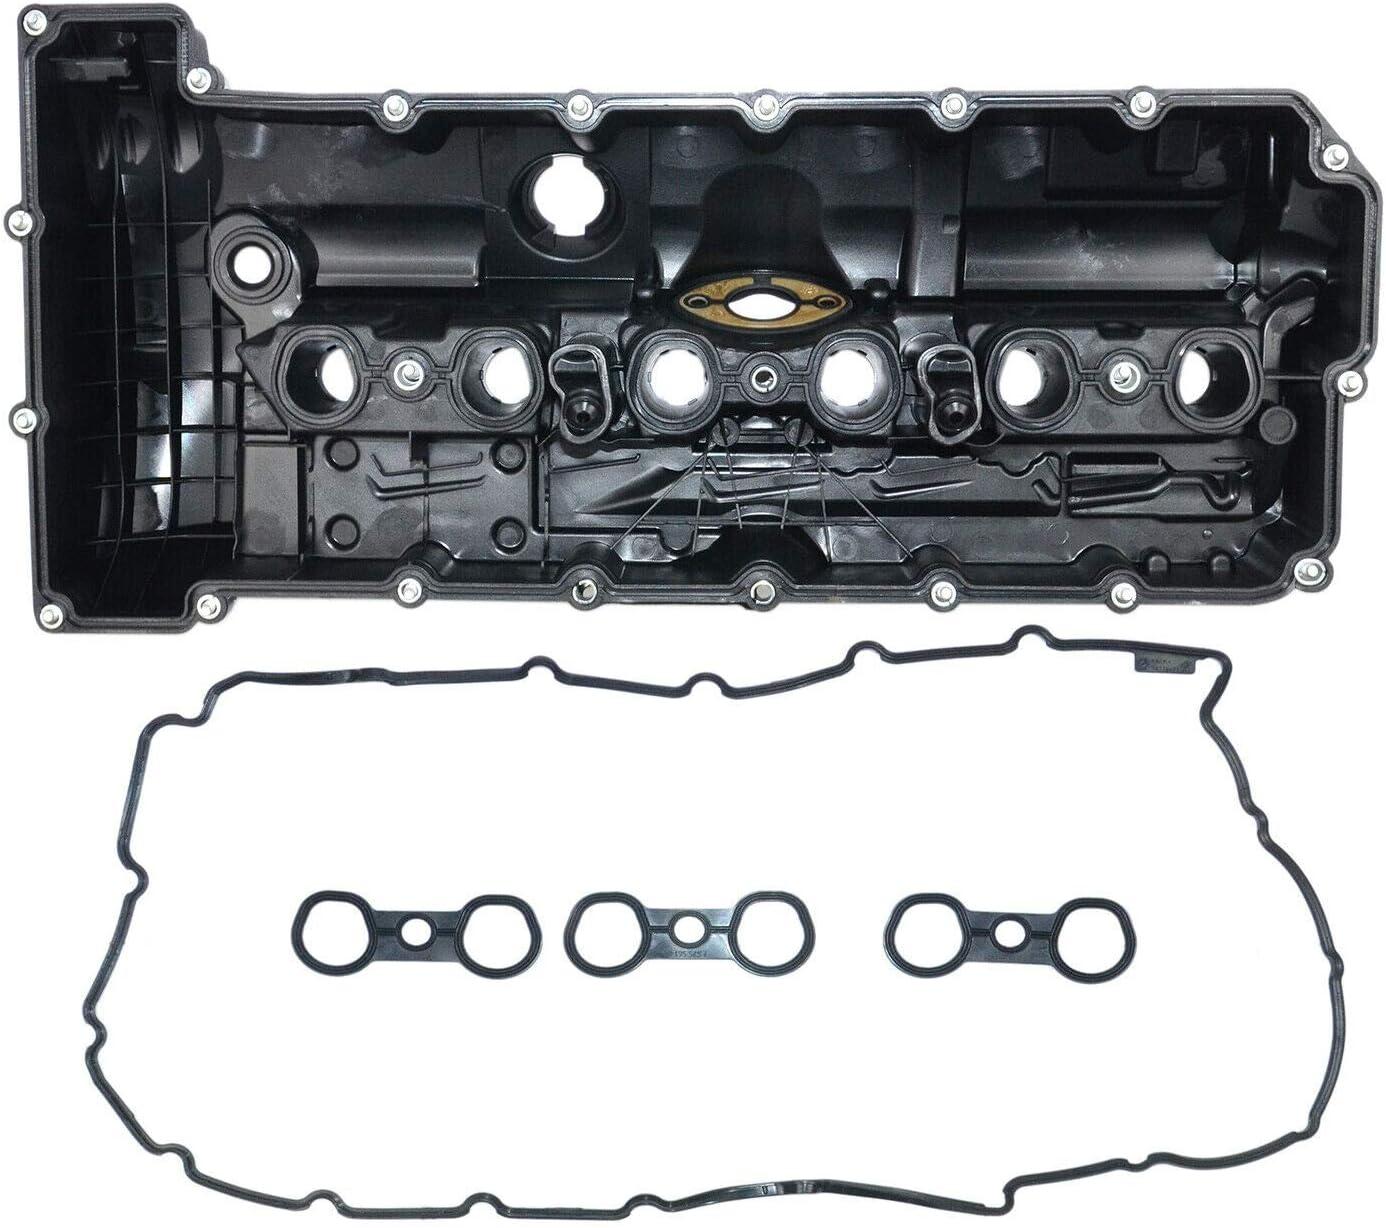 Engine Valve Cover Fits BMW BMW 128i 328i 528i X3 X5 Z4